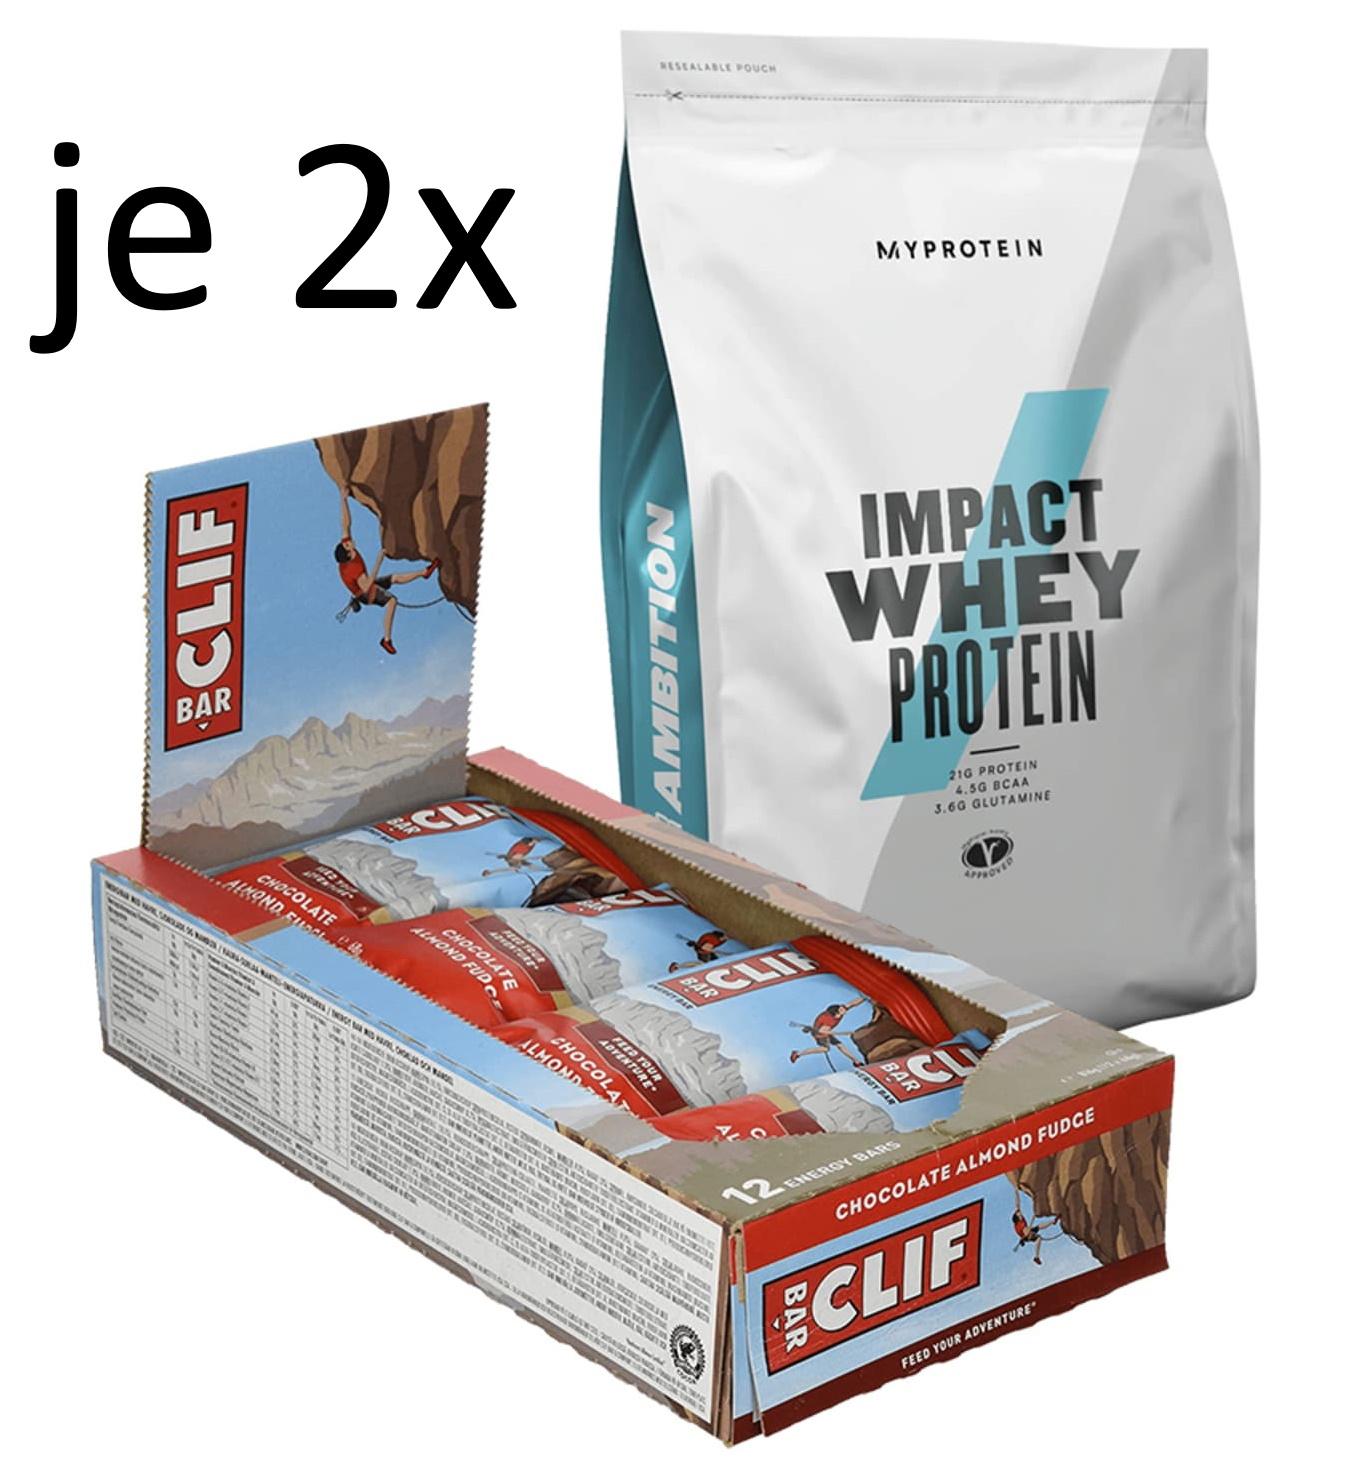 2x 1kg Myprotein Impact Whey Protein (3 Sorten, MHD 31.07./31.08.) + 24x 68g Clif Bar Chocolate Almond Fudge